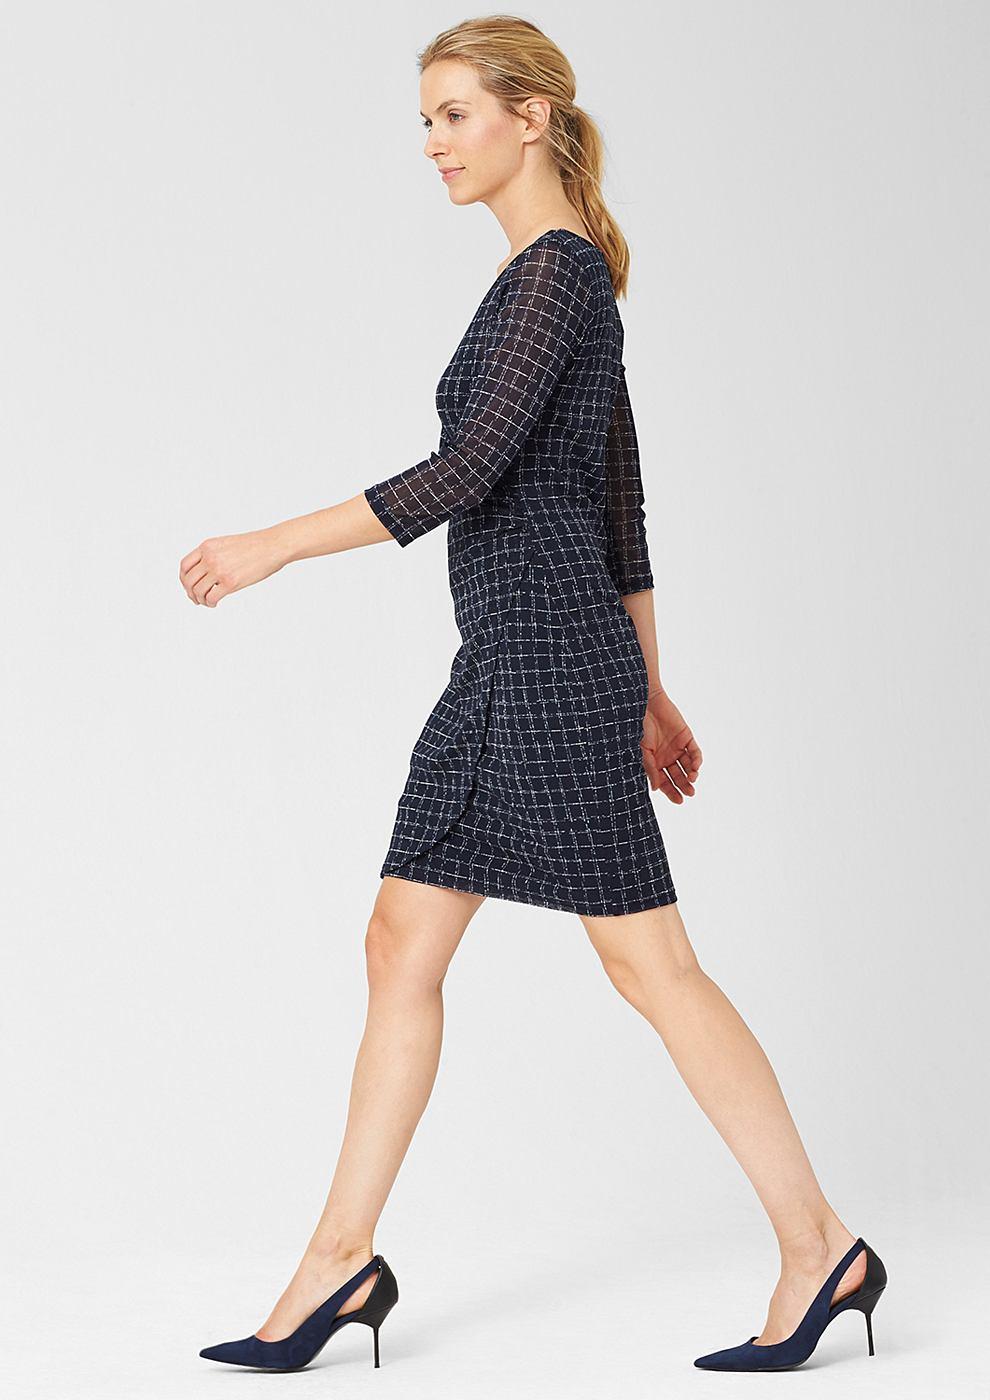 s.Oliver Premium Mesh jurk met een wikkellook blauw